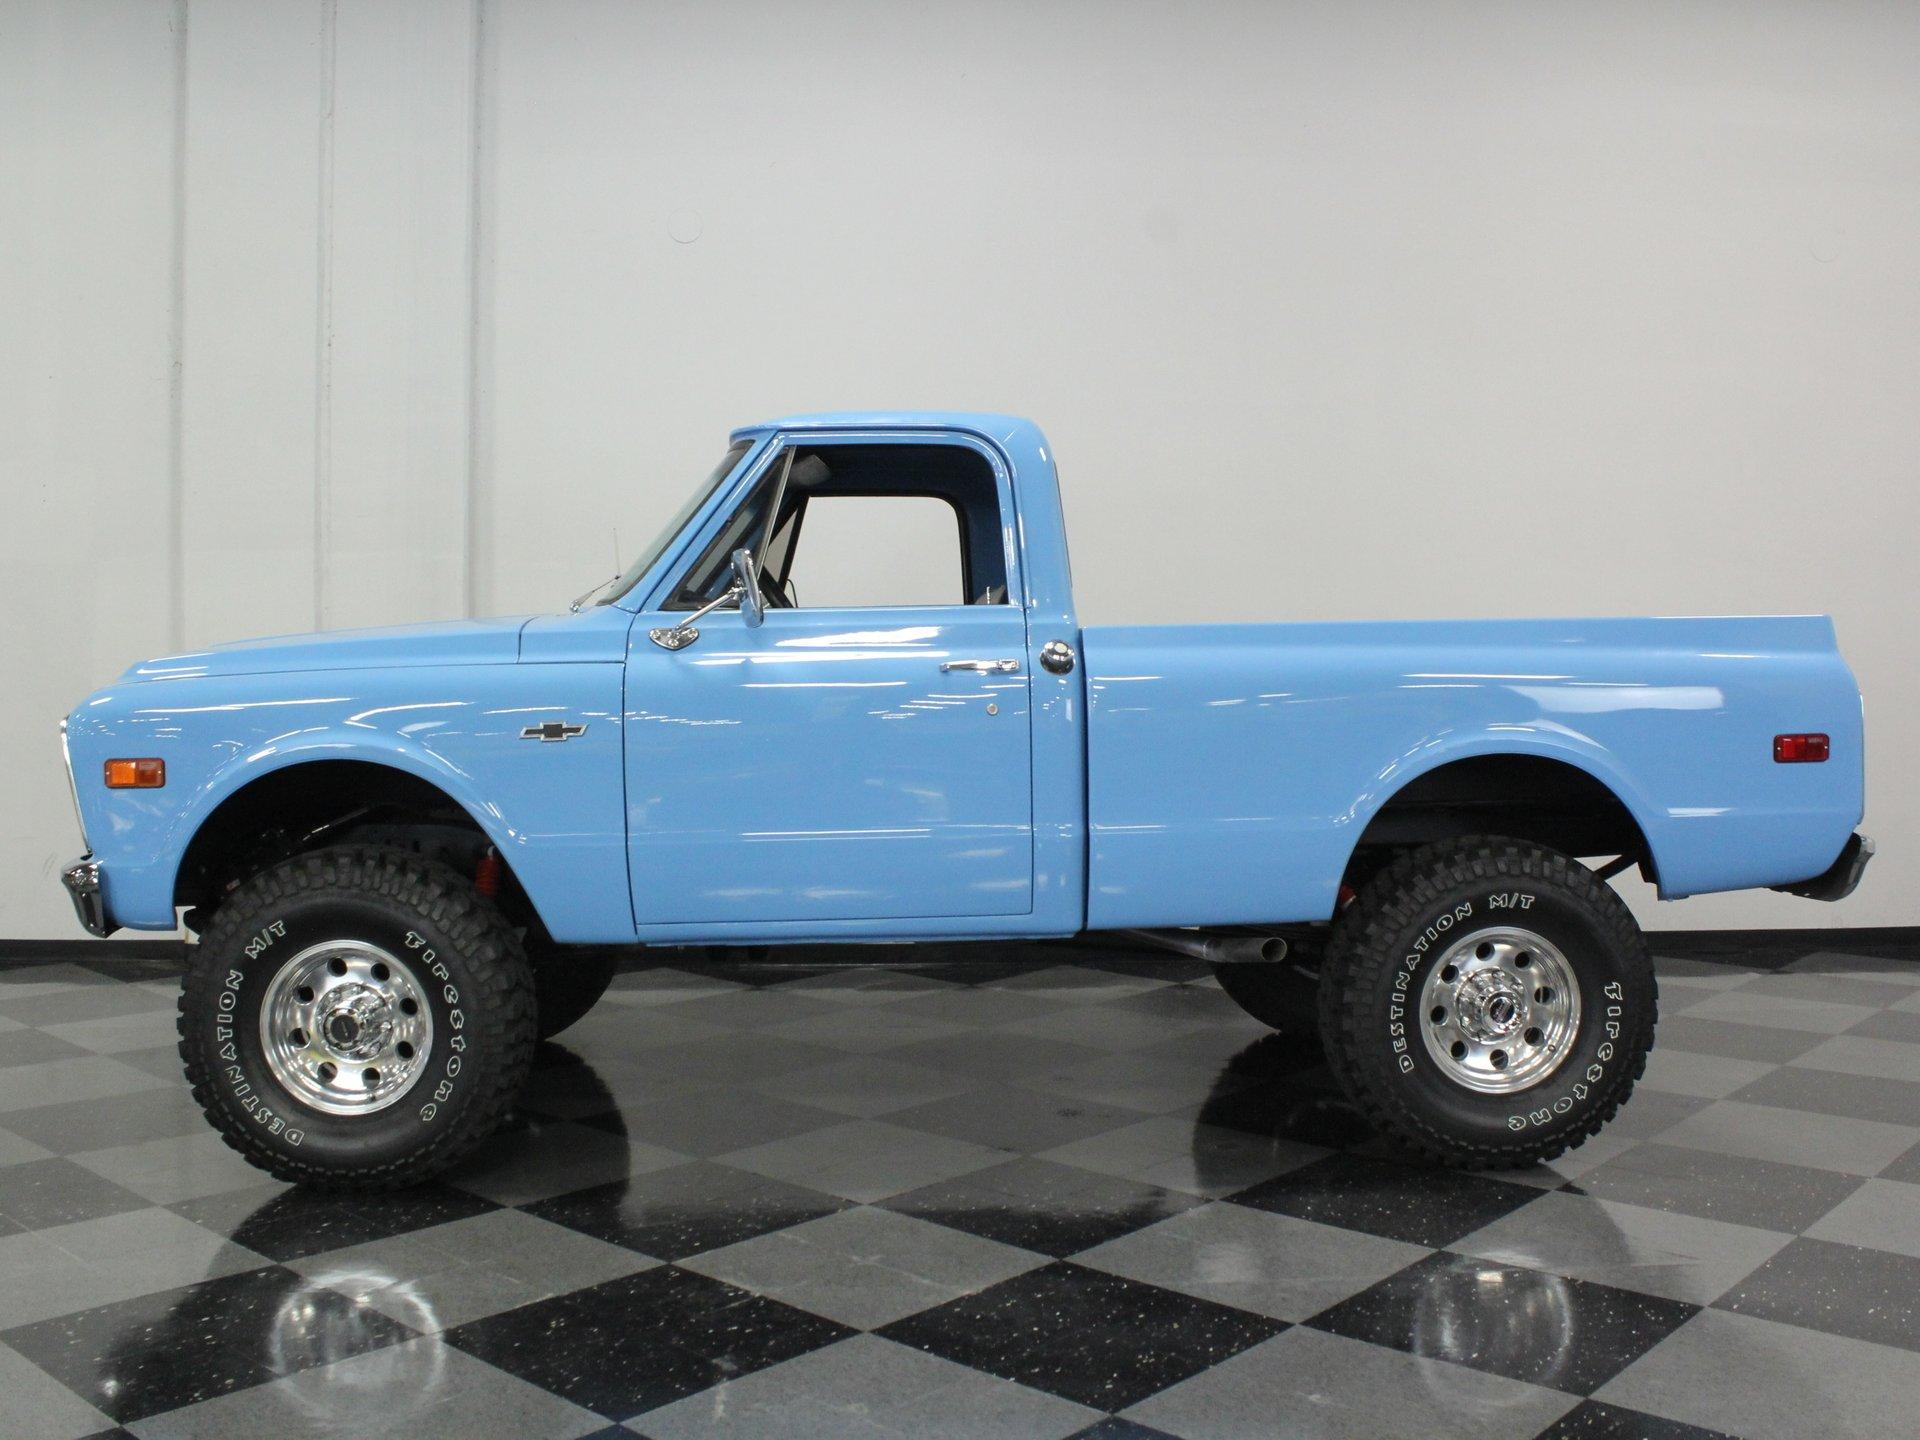 1968 chevrolet c10 4x4